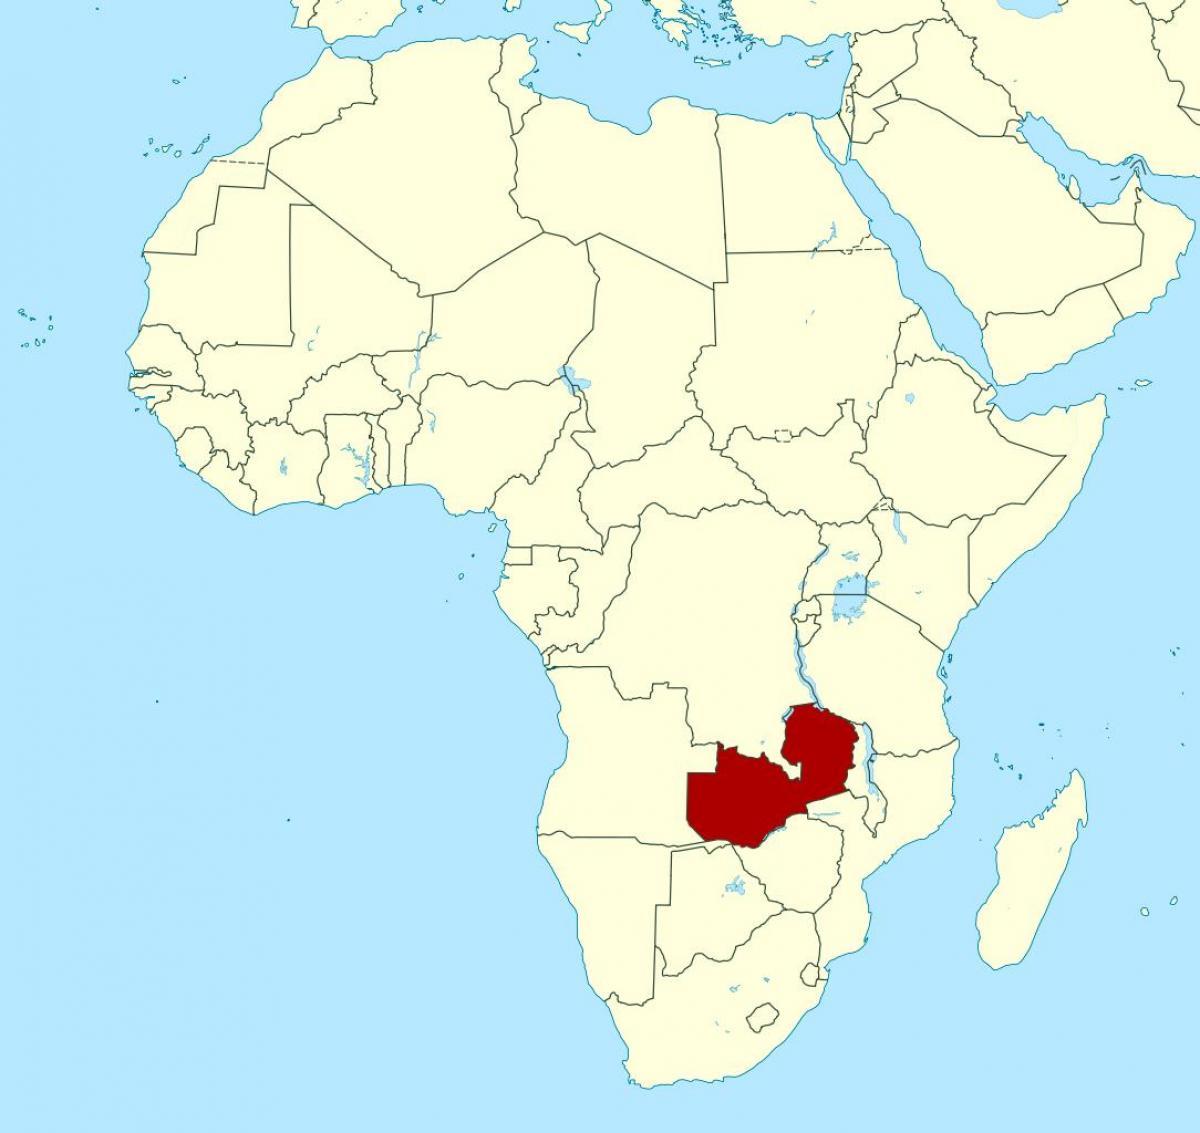 Zambia location on world map - Map of Zambia location on world ...